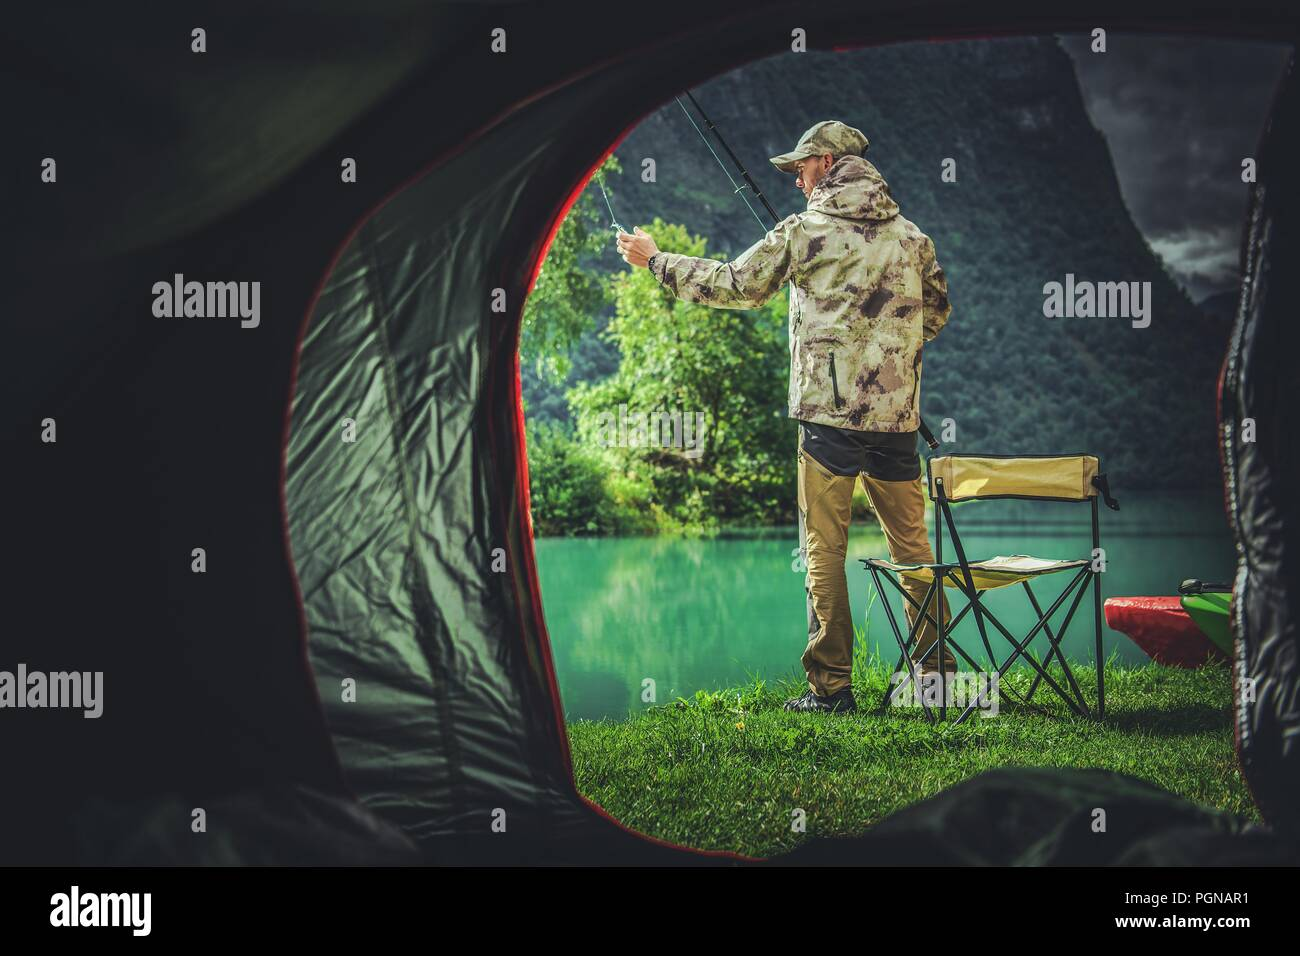 La pesca Camping Weekend. Pescatore caucasica davanti alla sua tenda. Immagini Stock